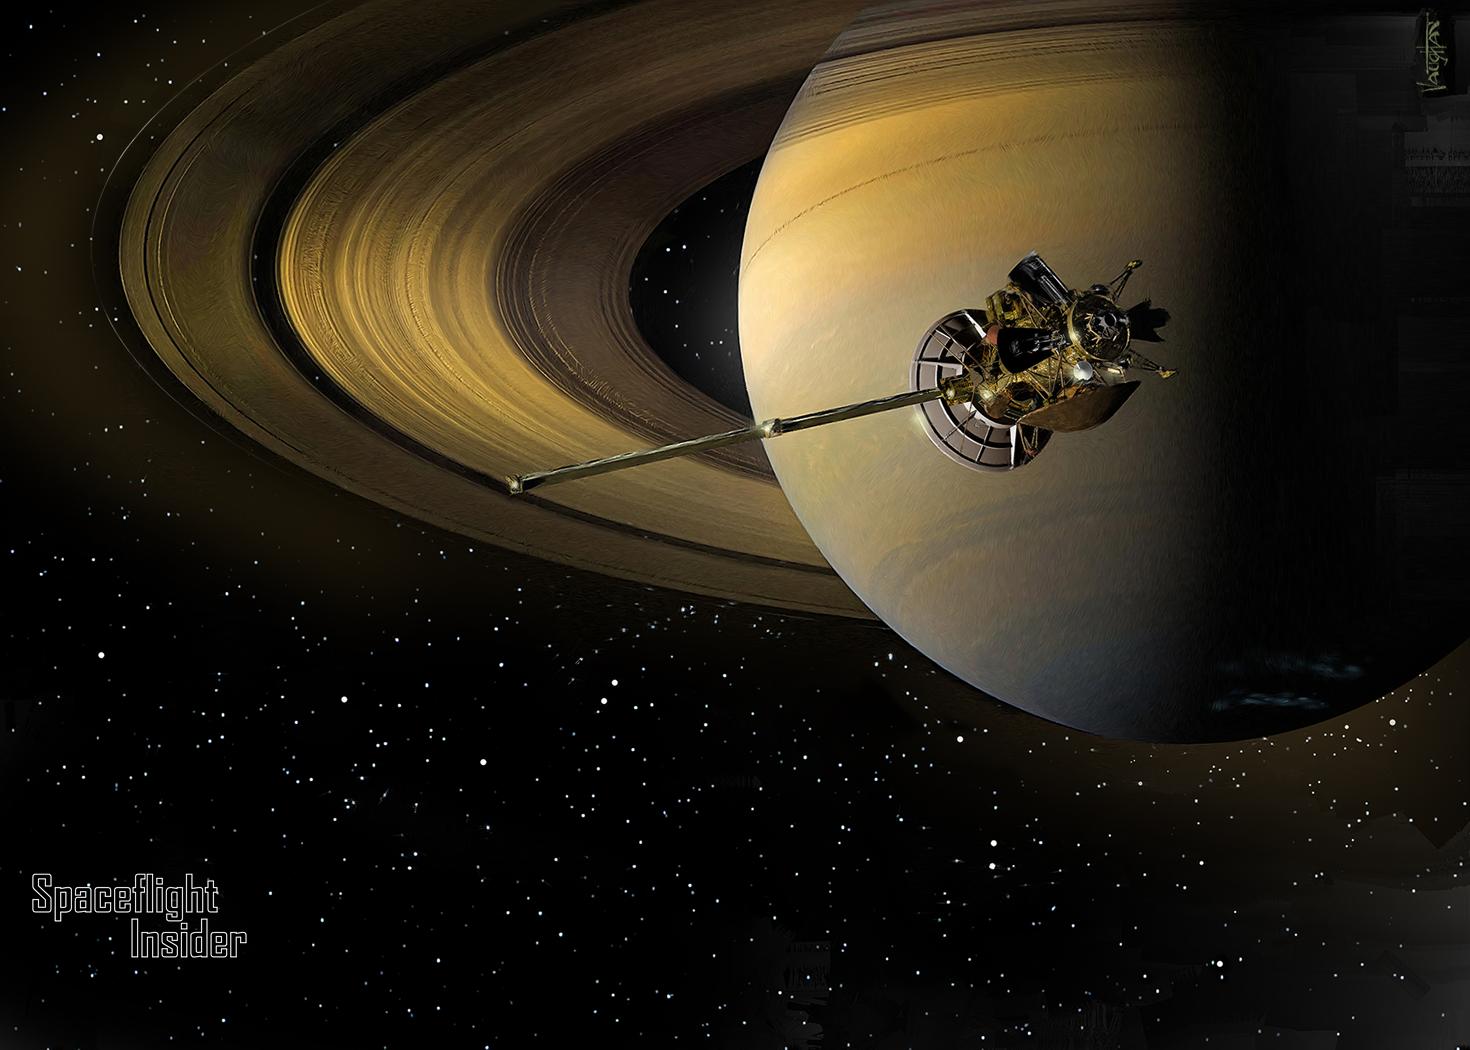 החללית קאסיני ומערכת שבתאי – דור ההמשך